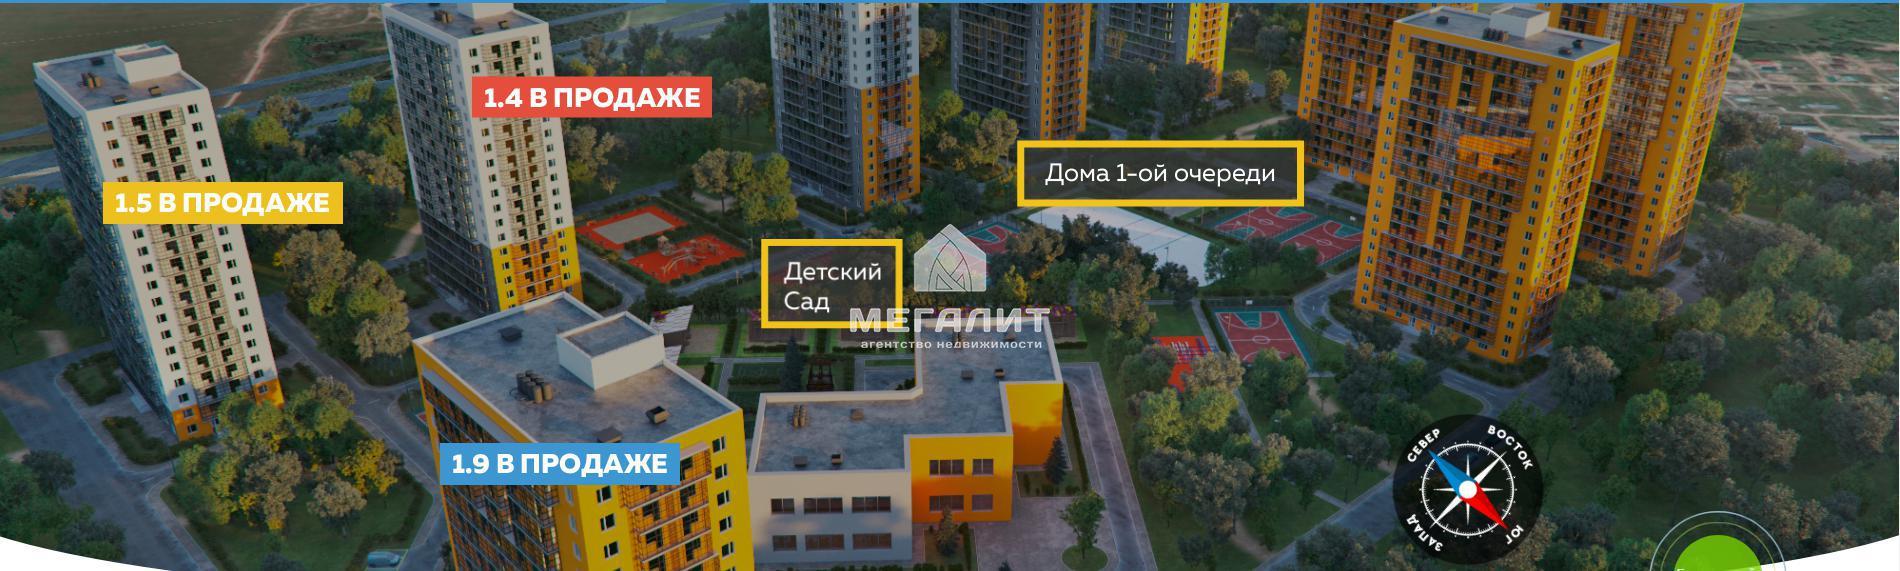 Продажа 2-к квартиры Учхозовская 1